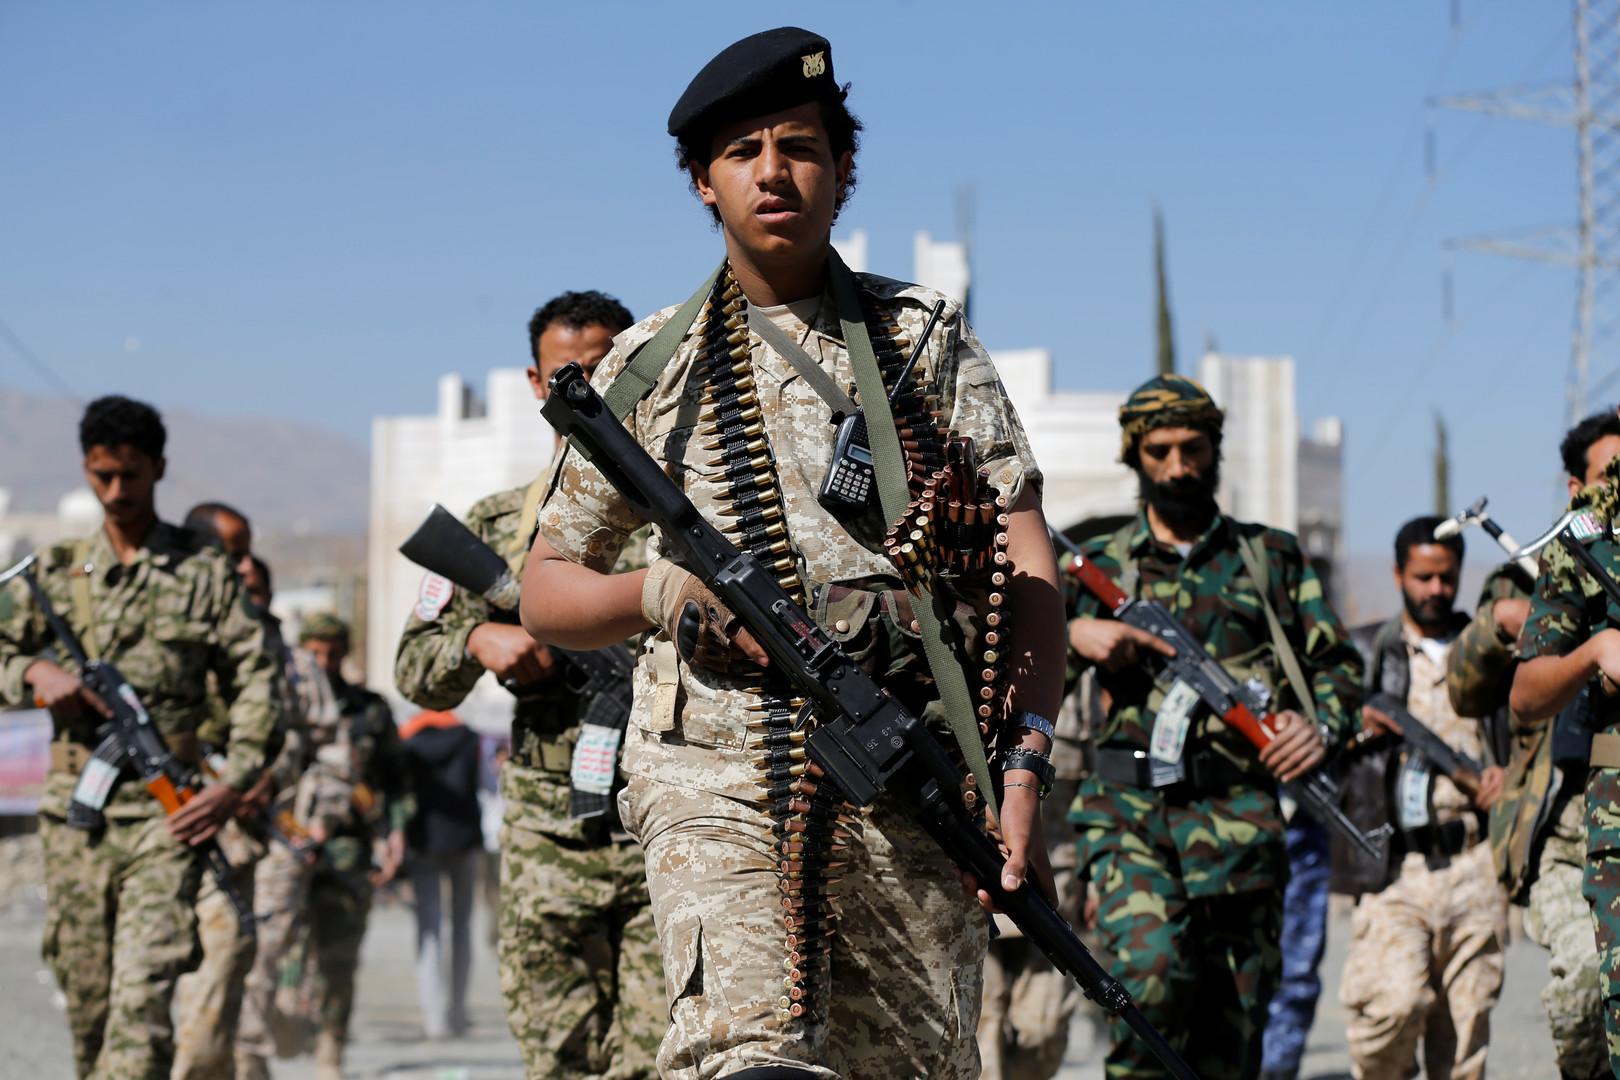 الحوثيون: عمليات قادمة تستهدف 300 هدف حيوي وعسكري في السعودية والإمارات واليمن